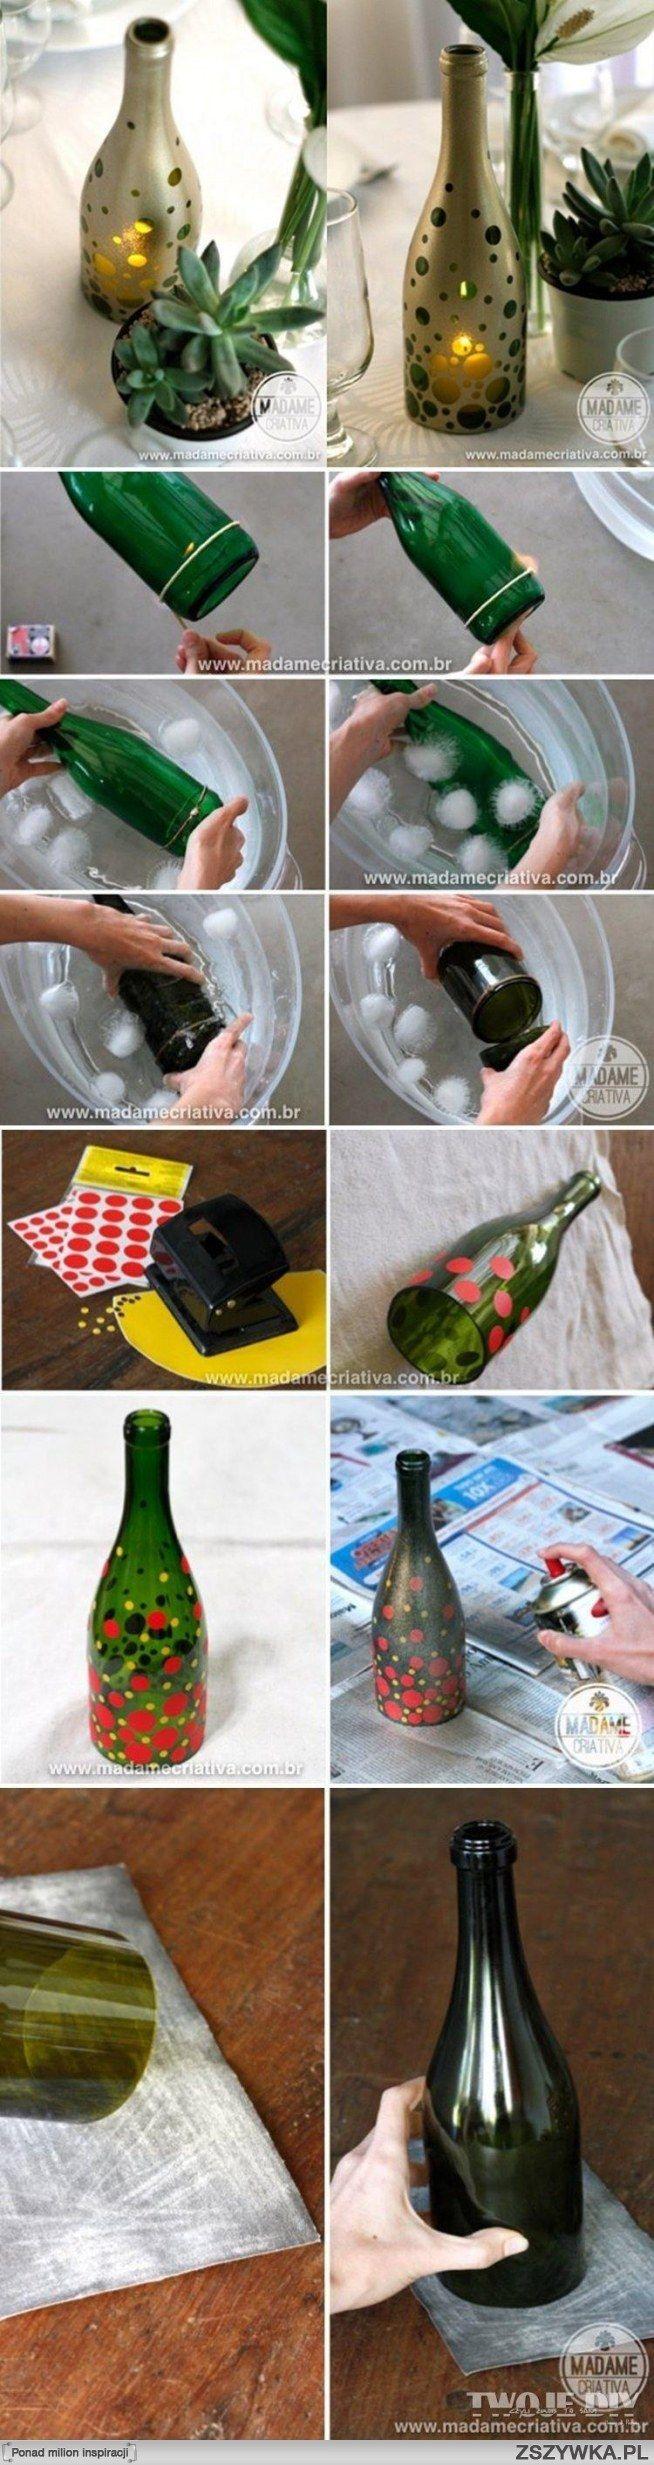 Obwiązujesz sznureczkiem namoczonym np. w acetonie, podpalasz, okręcasz butelke, niech się chwile nagrzeje. A potem do zimnej wody i pęknie tam gdzie był sznureczek. Potem wyrównujesz kanty wodnym papierem ściernym